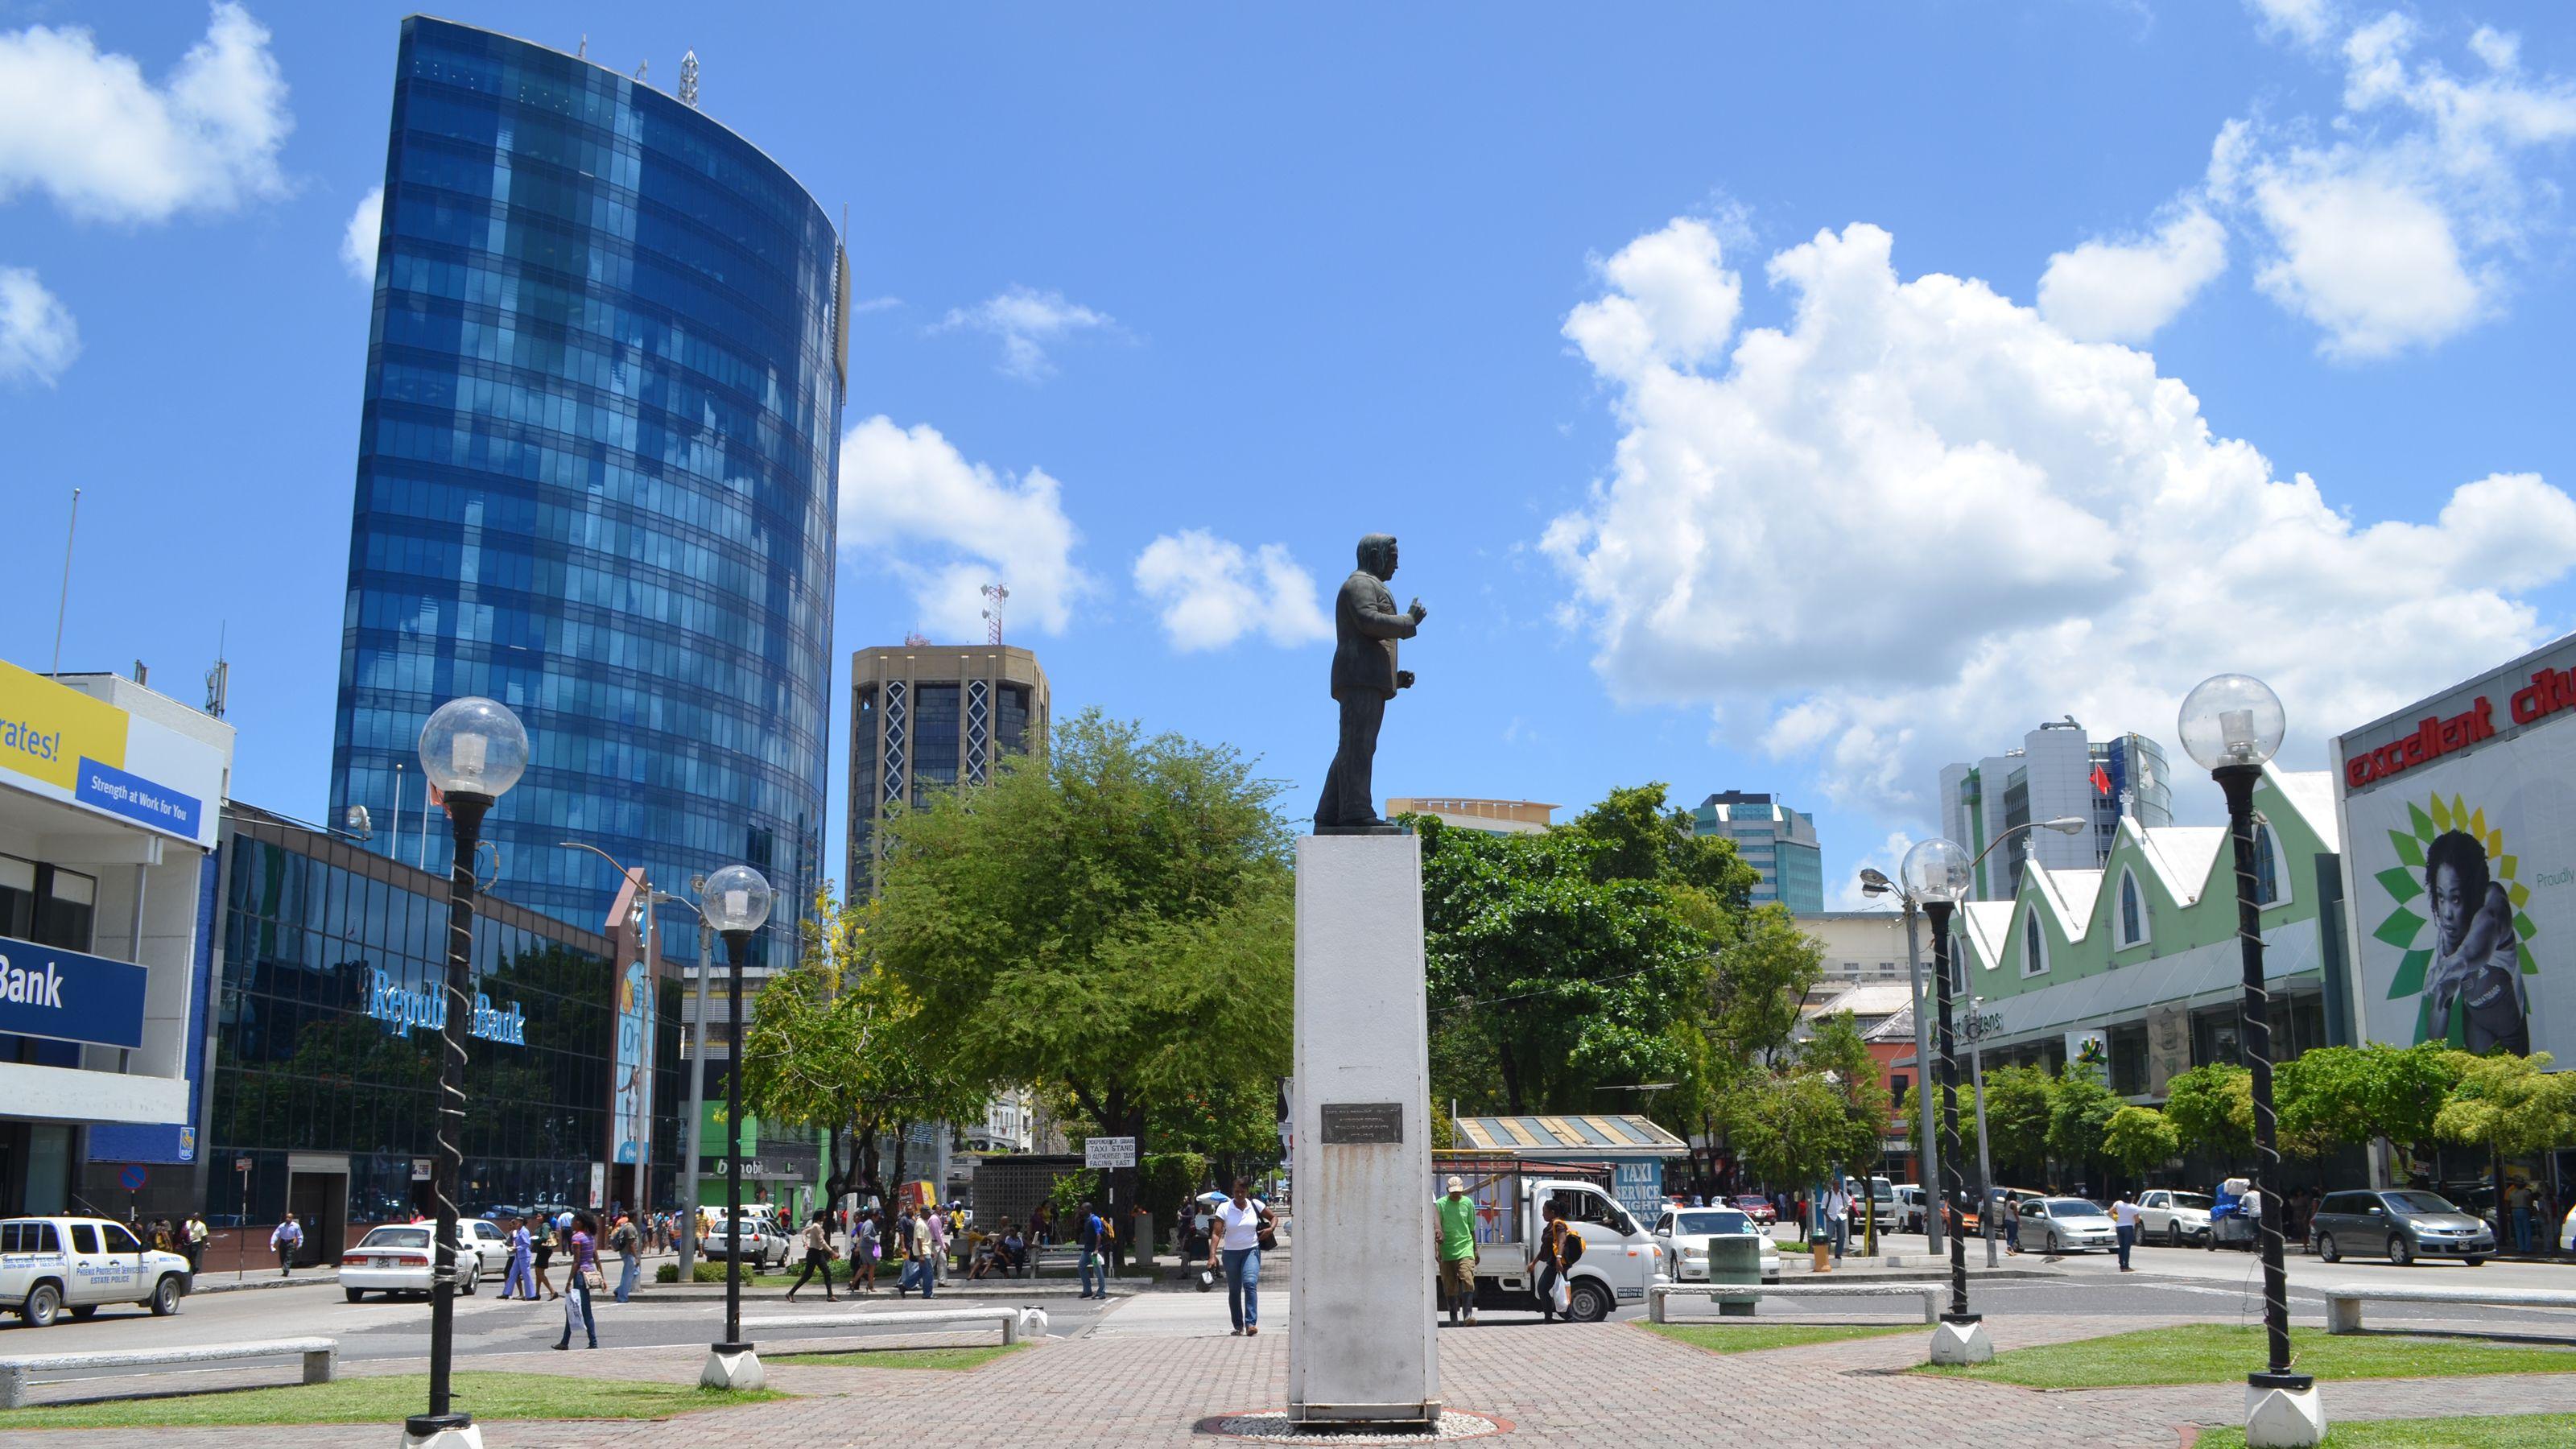 Statue in city of Trinidad